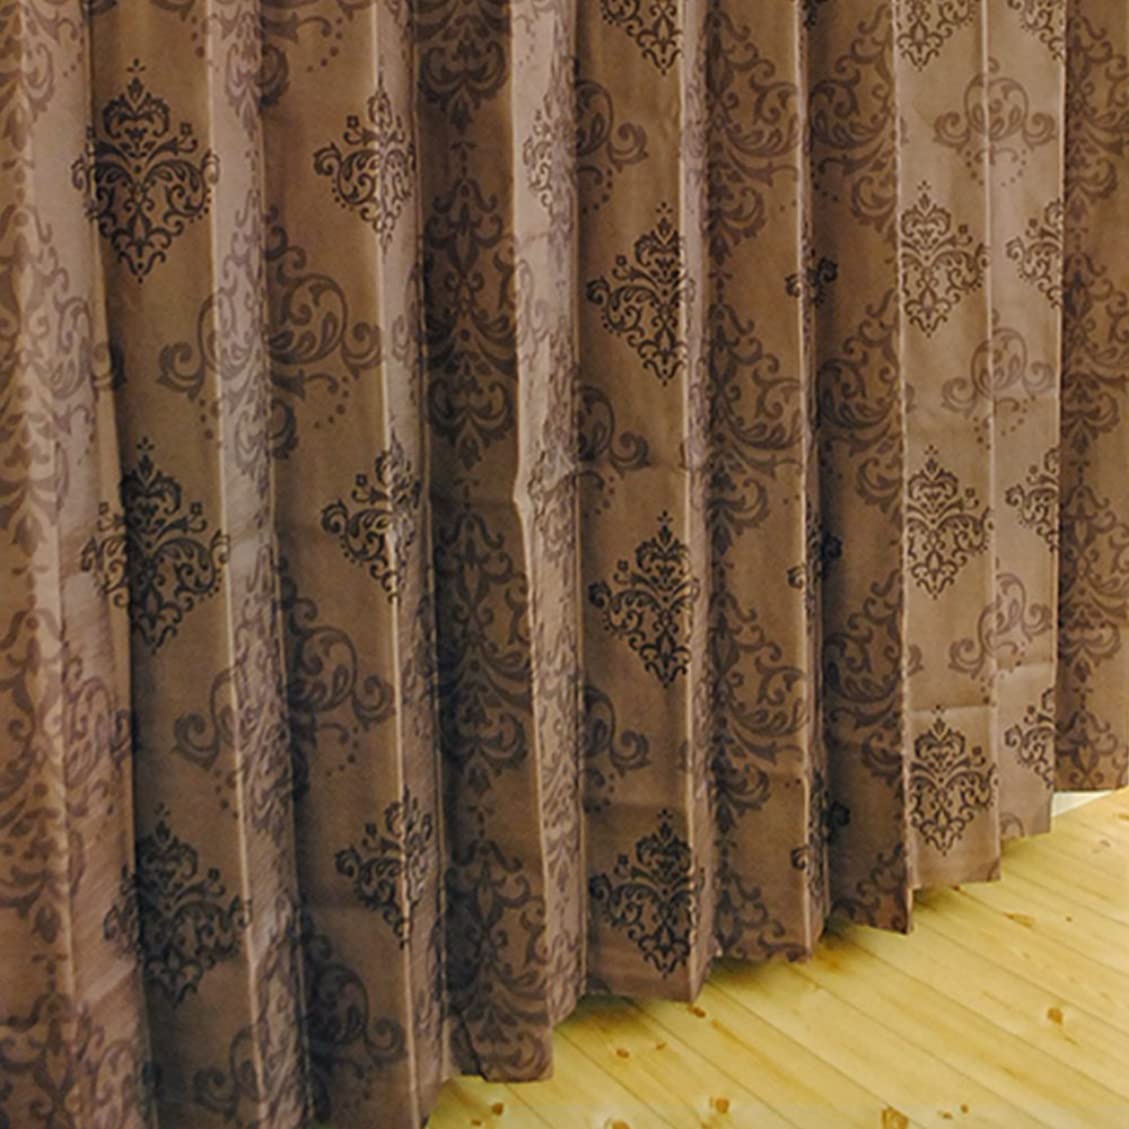 もろい合成完全に【???????????】 裏地 付き 2級 遮光 形状 記憶 二重 カーテン 『 ???? 』 幅120cm × 丈250cm 1枚 ( Aフック ) オーナメント 柄 ブラウン